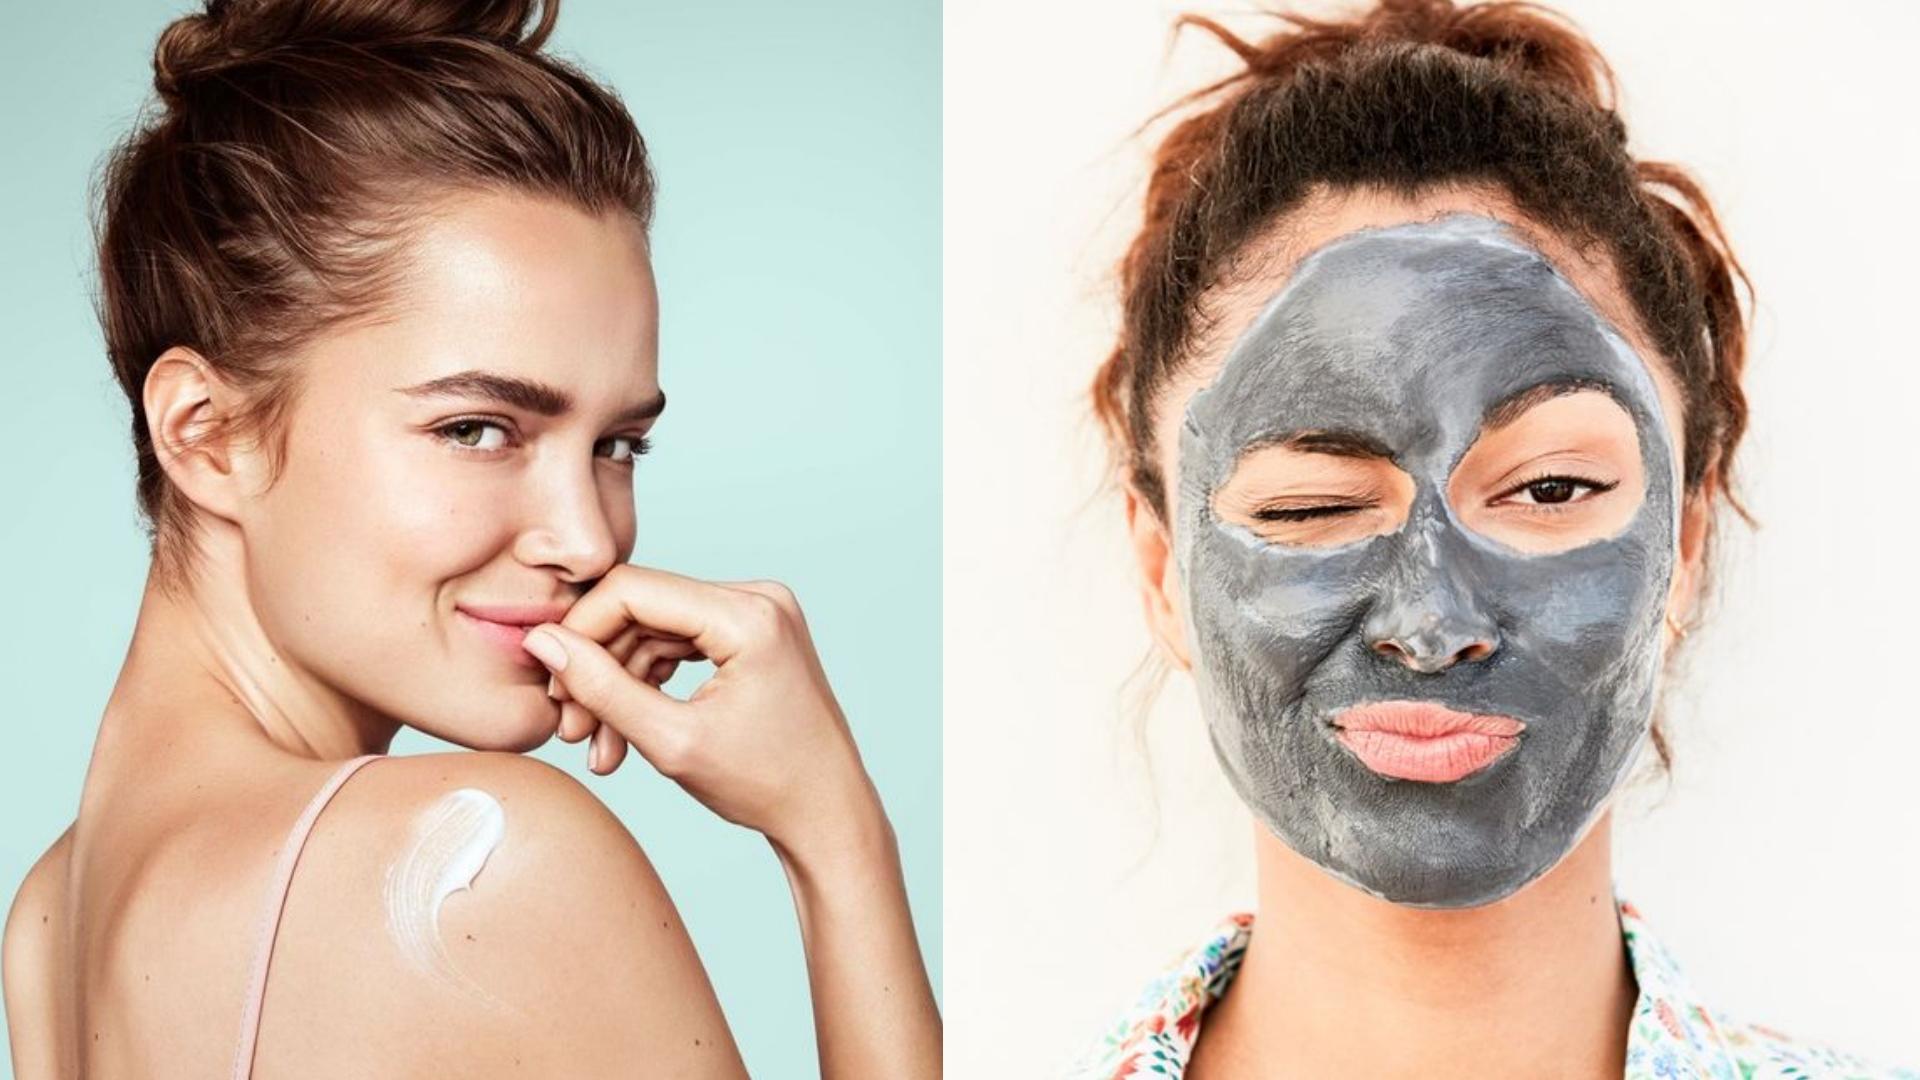 油性肌膚的朋友也別忘記一週一到兩次的肌膚大掃除,就是使用深層清潔的泥狀面膜,把毛孔中的髒污吸光光。